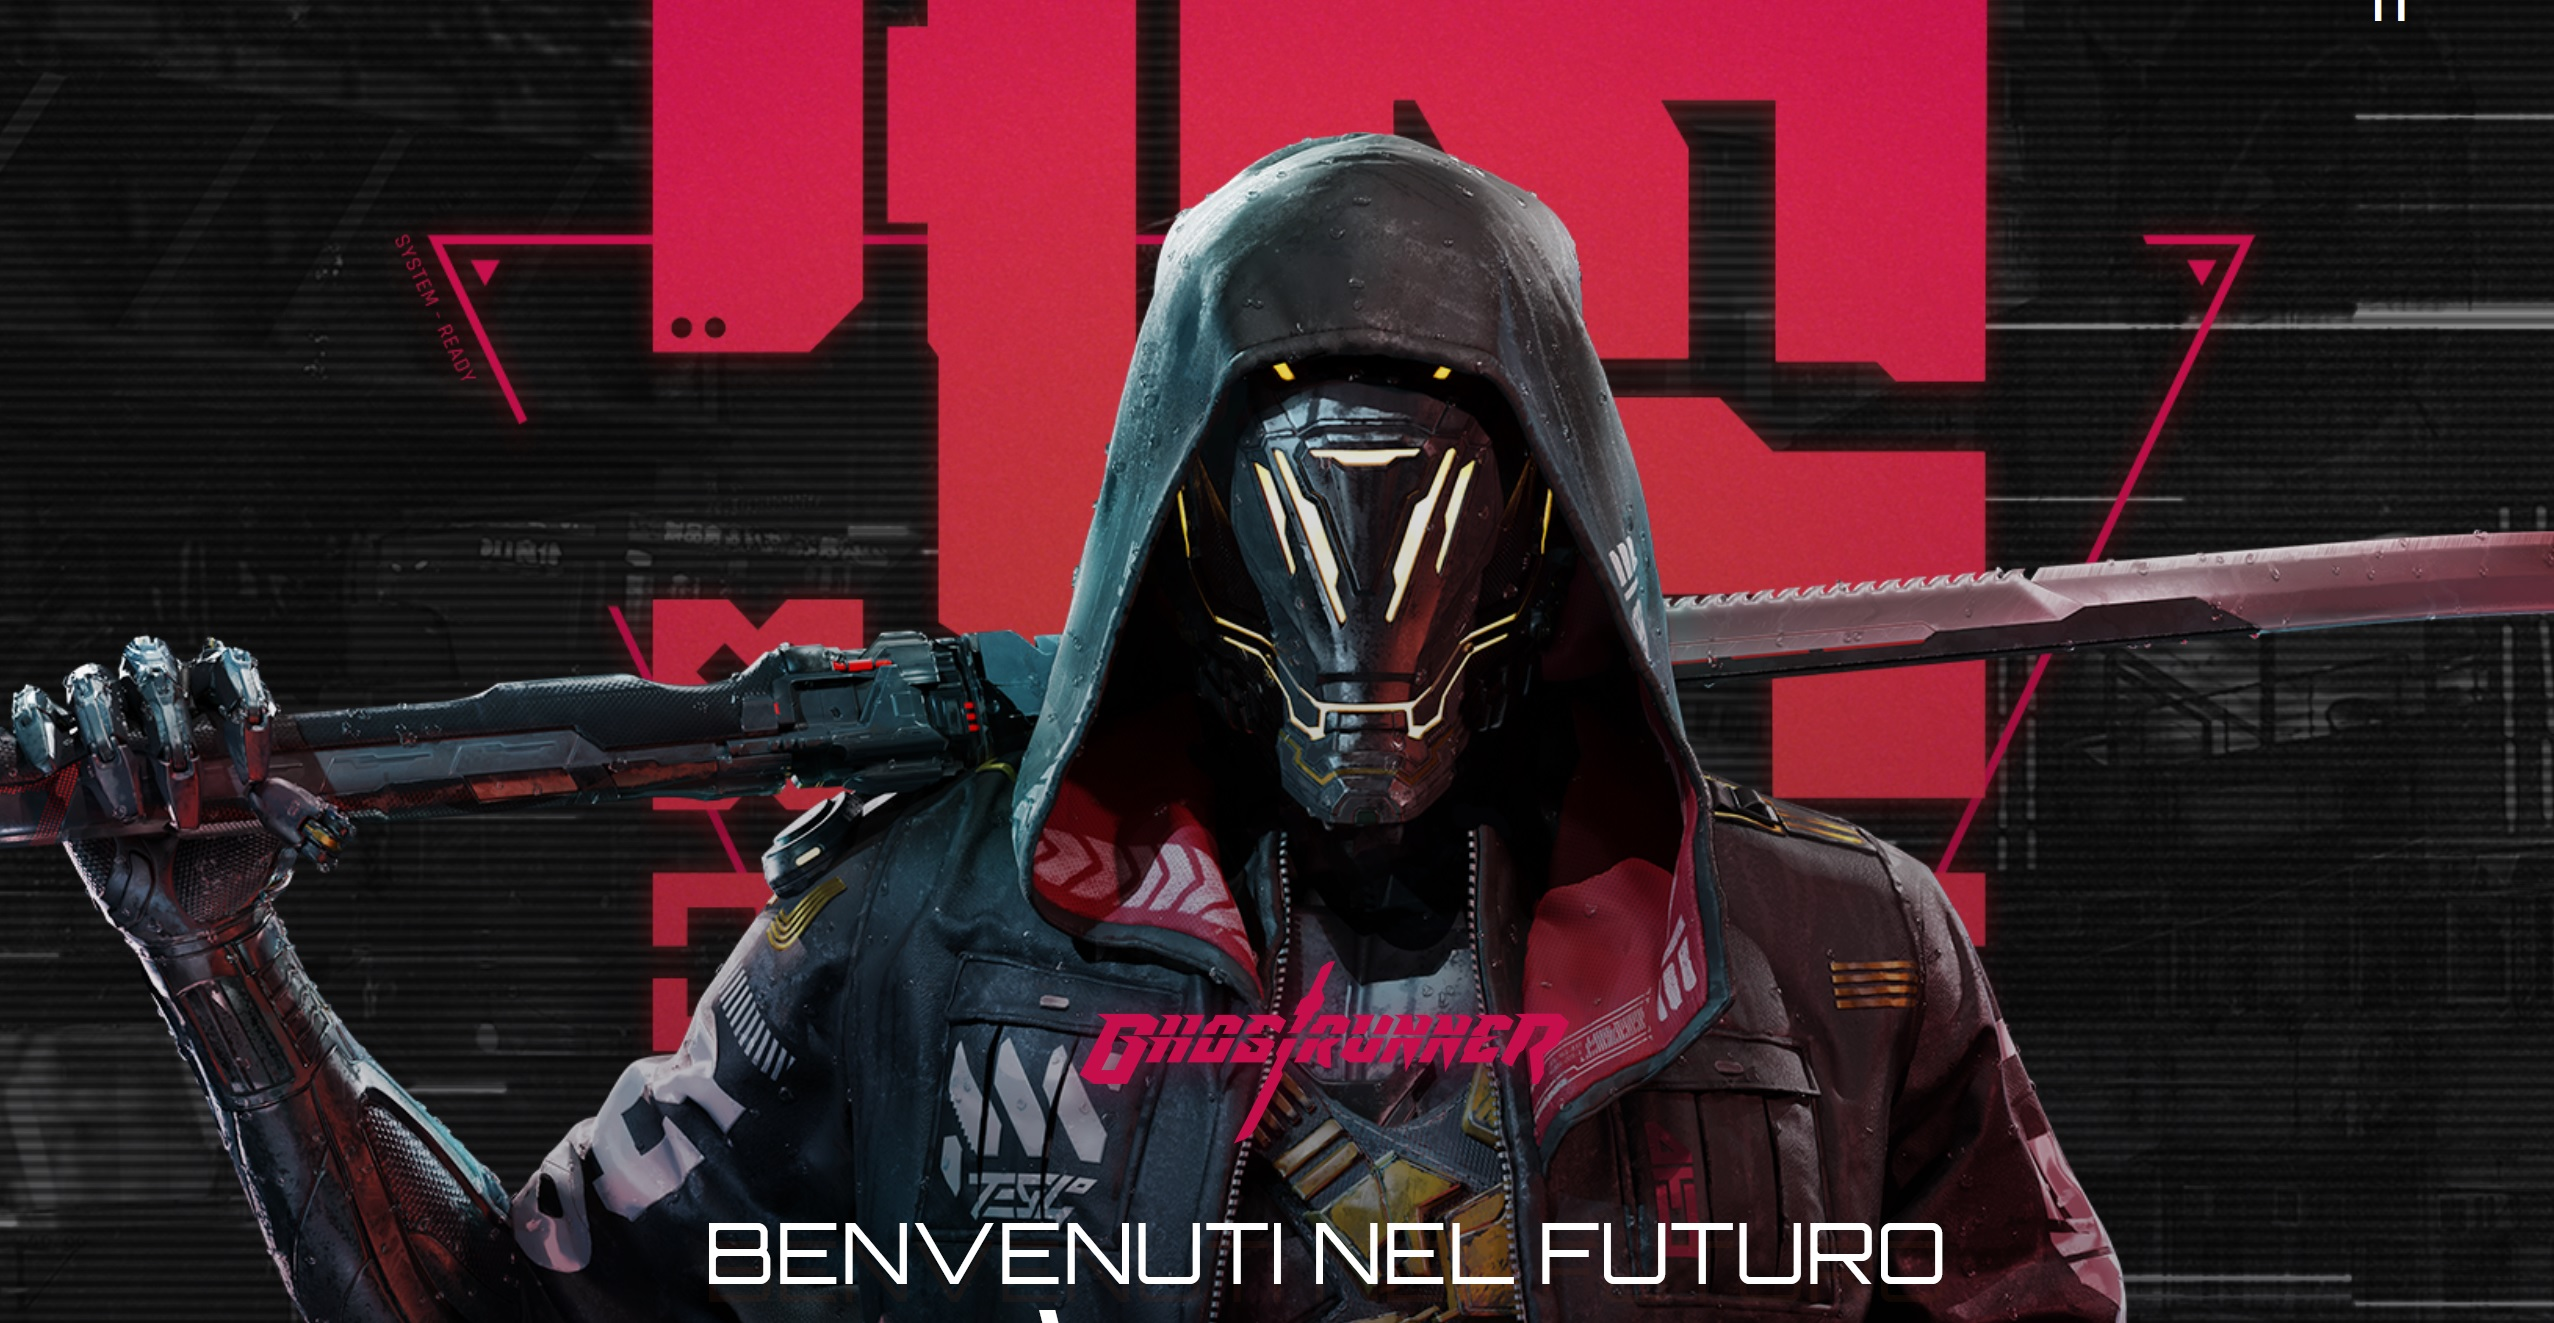 Ghostrunner: annunciato il sequel